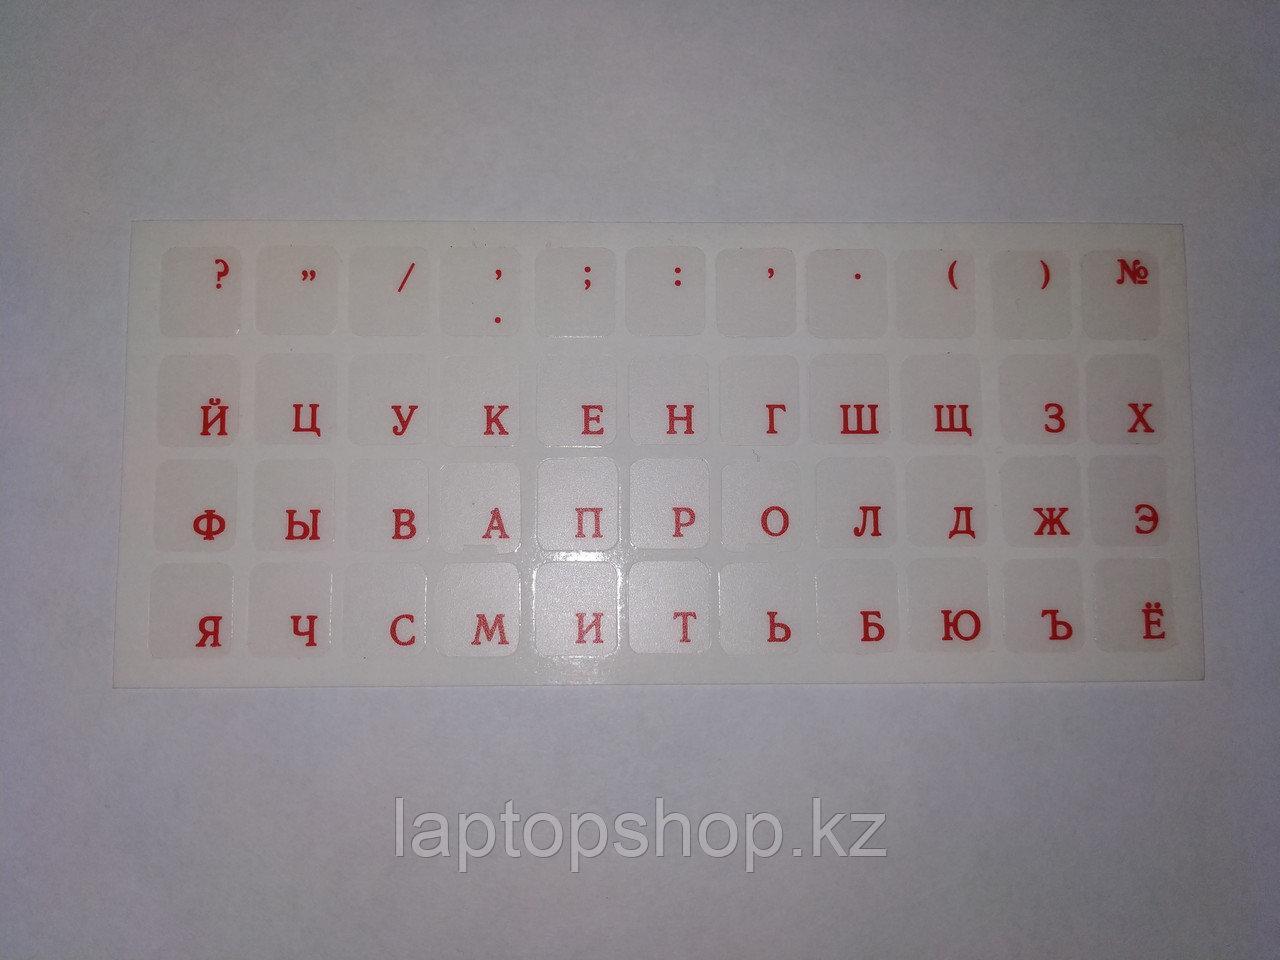 Наклейки на клавиатуру не стираемые прозрачные (краска ПОД ПЛЕНКОЙ) - красный